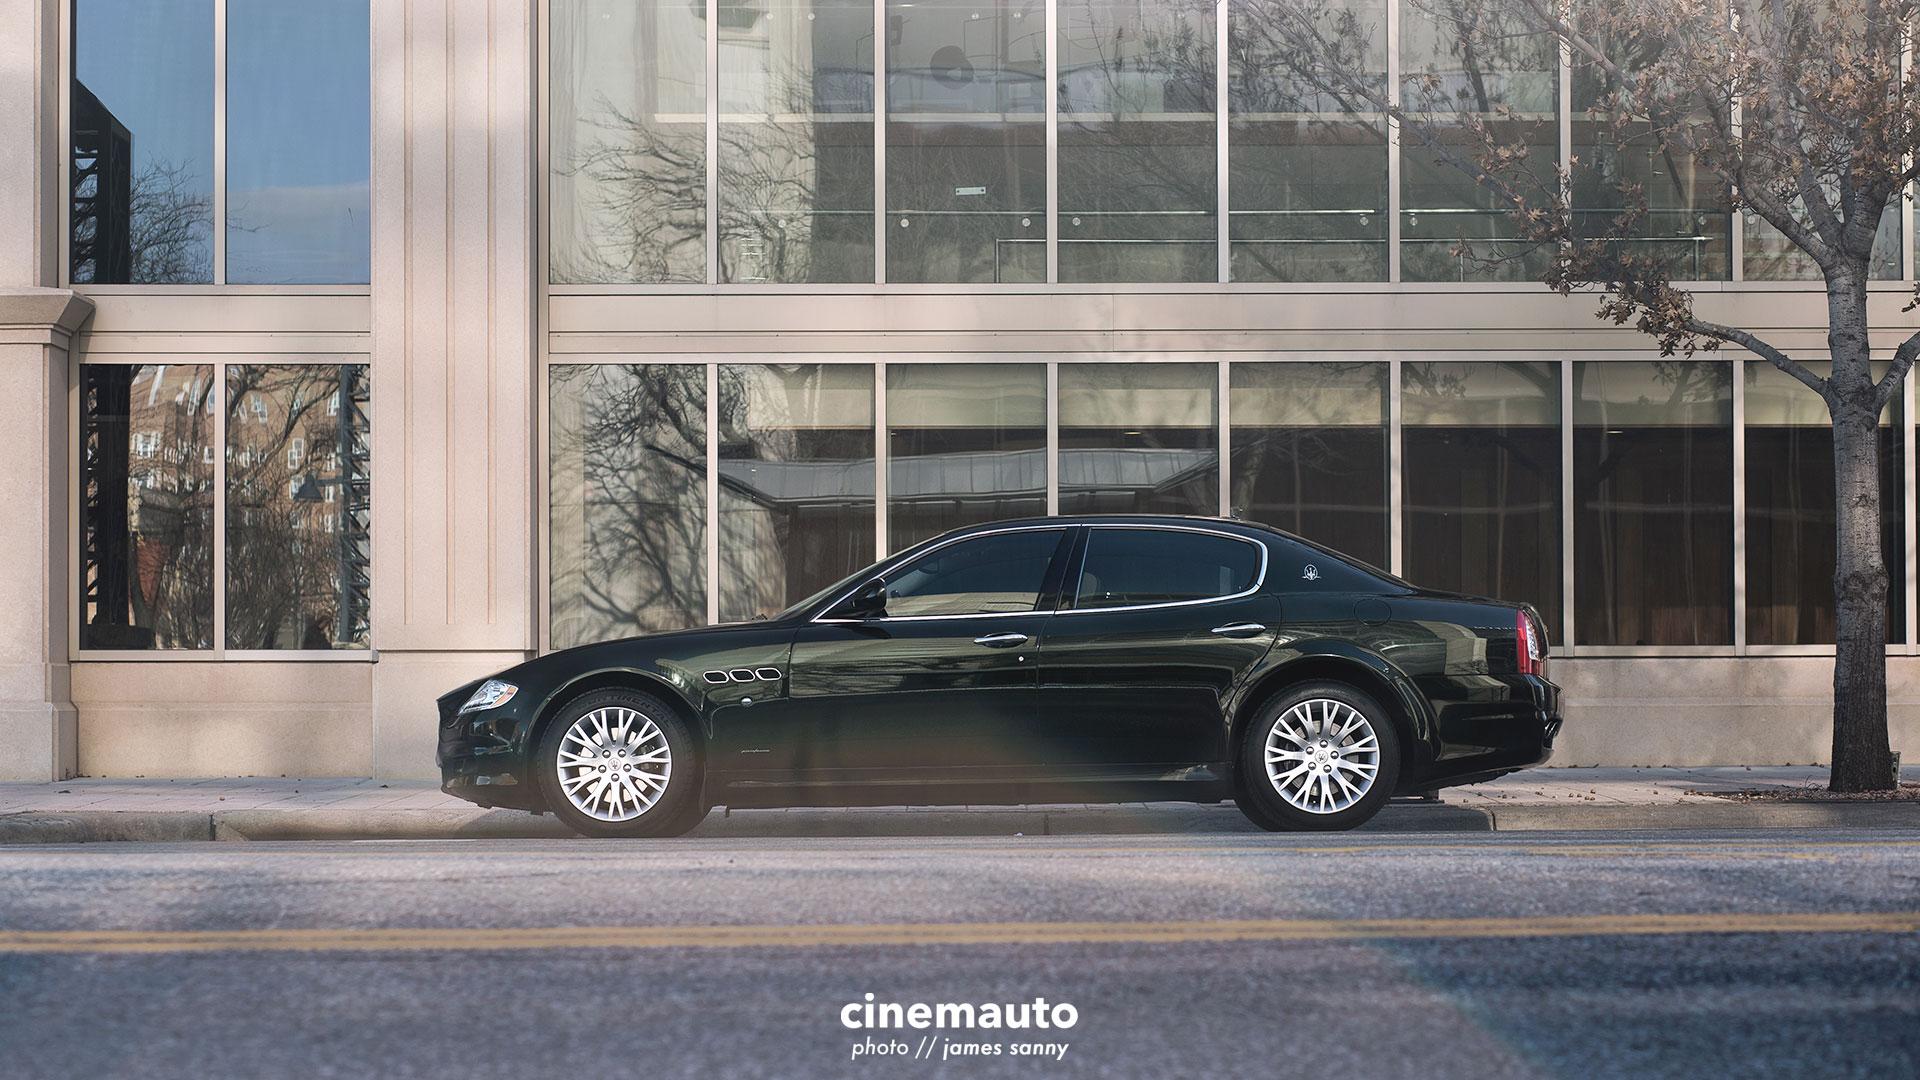 cinemauto-maserati-1sm.jpg